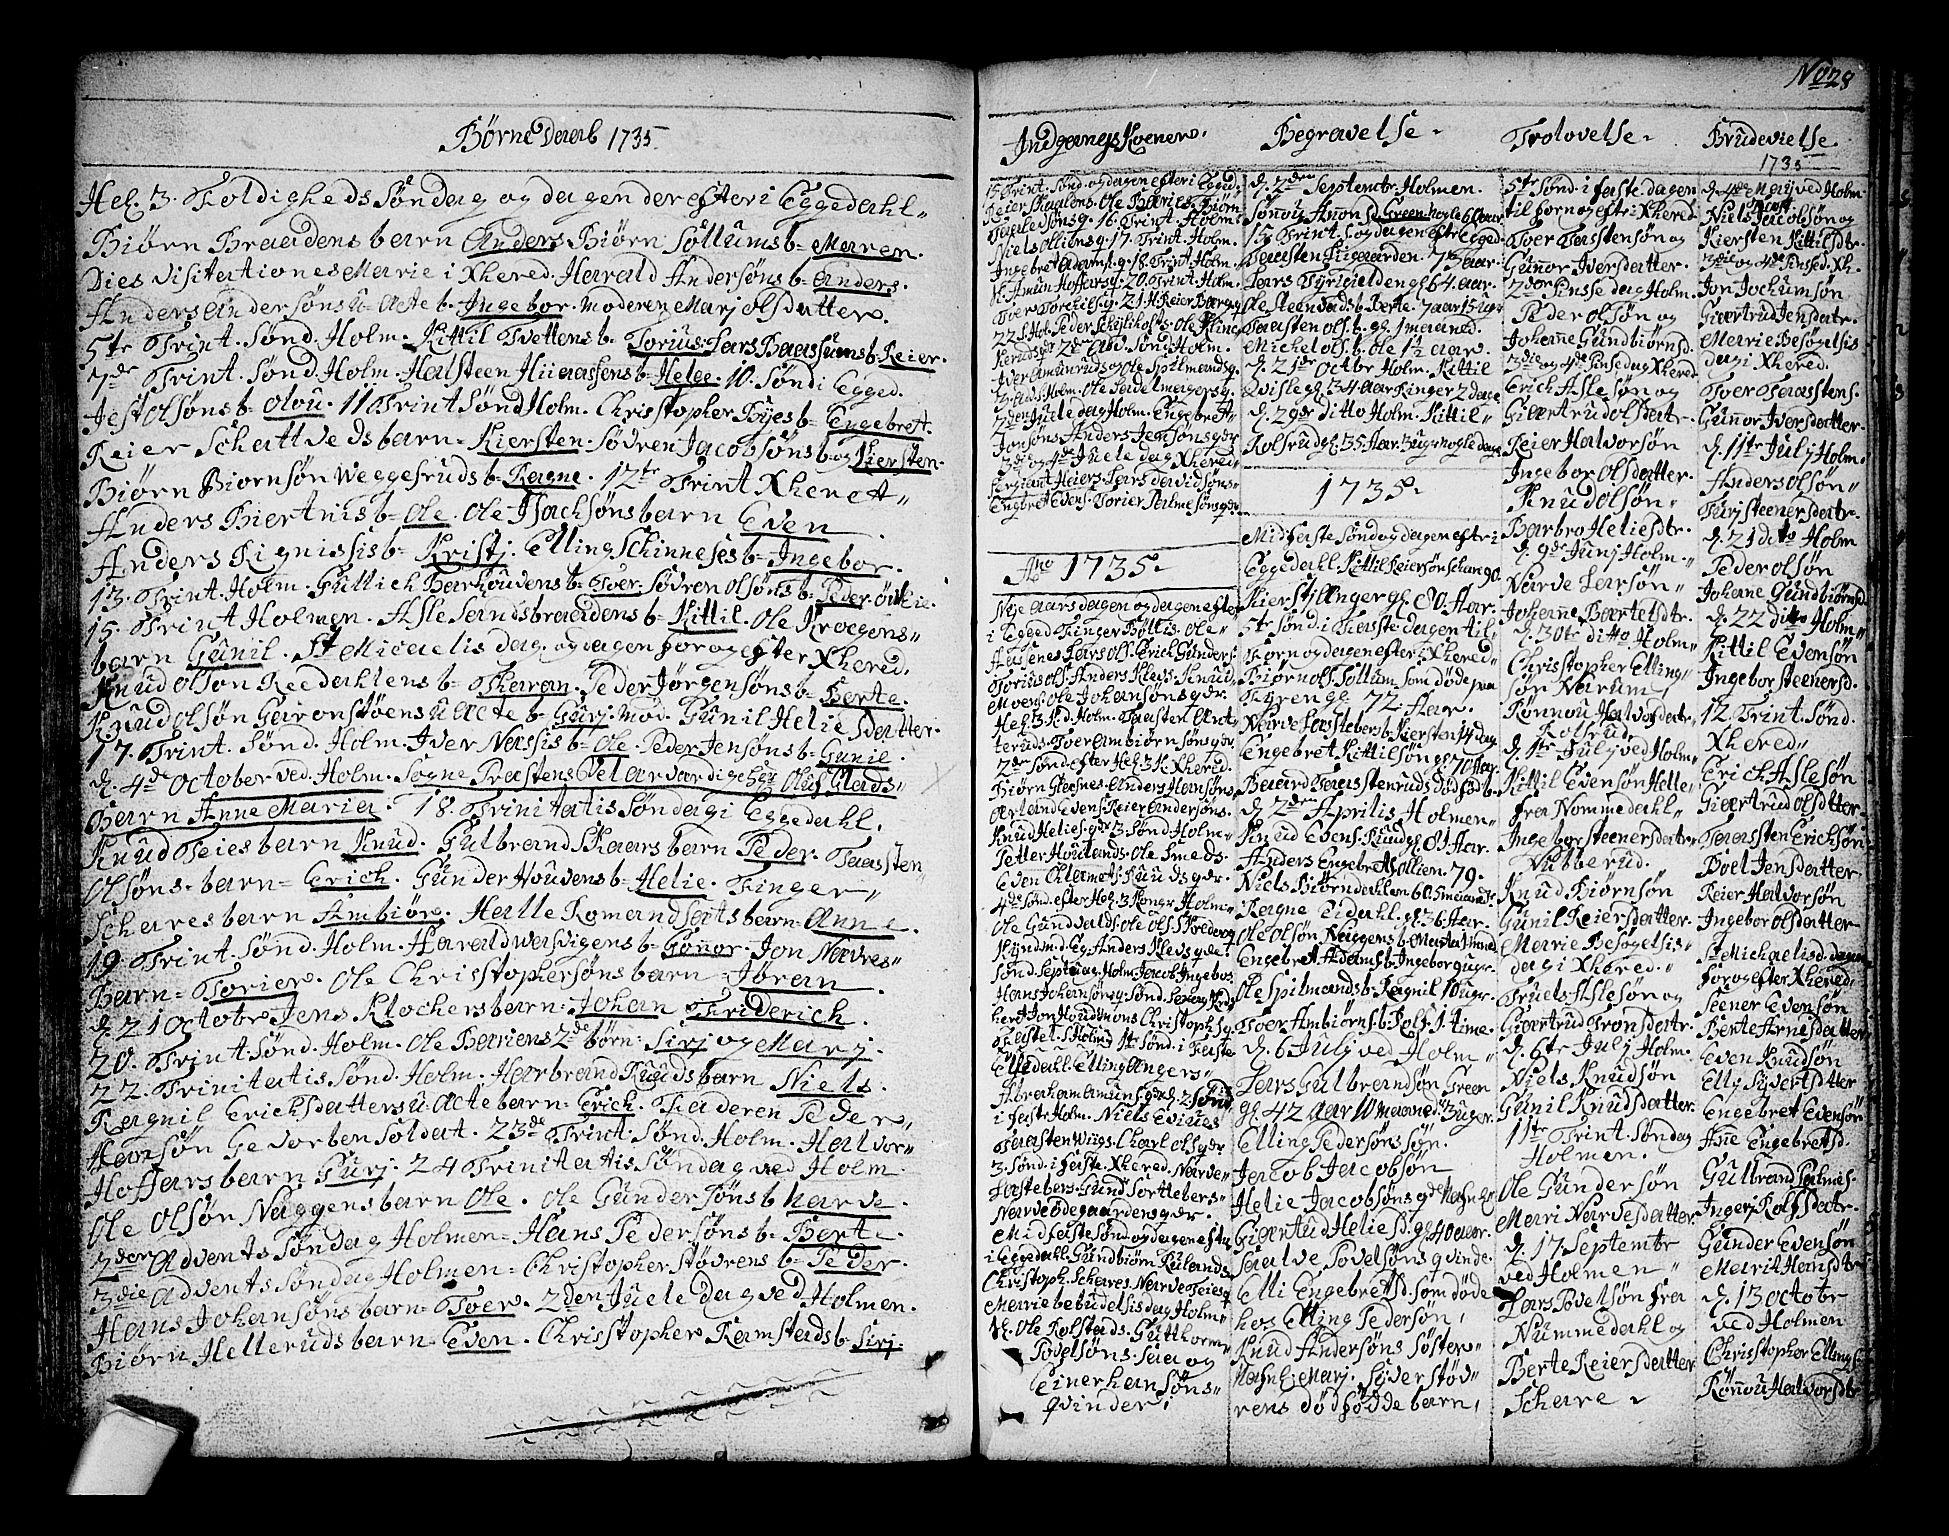 SAKO, Sigdal kirkebøker, F/Fa/L0001: Ministerialbok nr. I 1, 1722-1777, s. 28